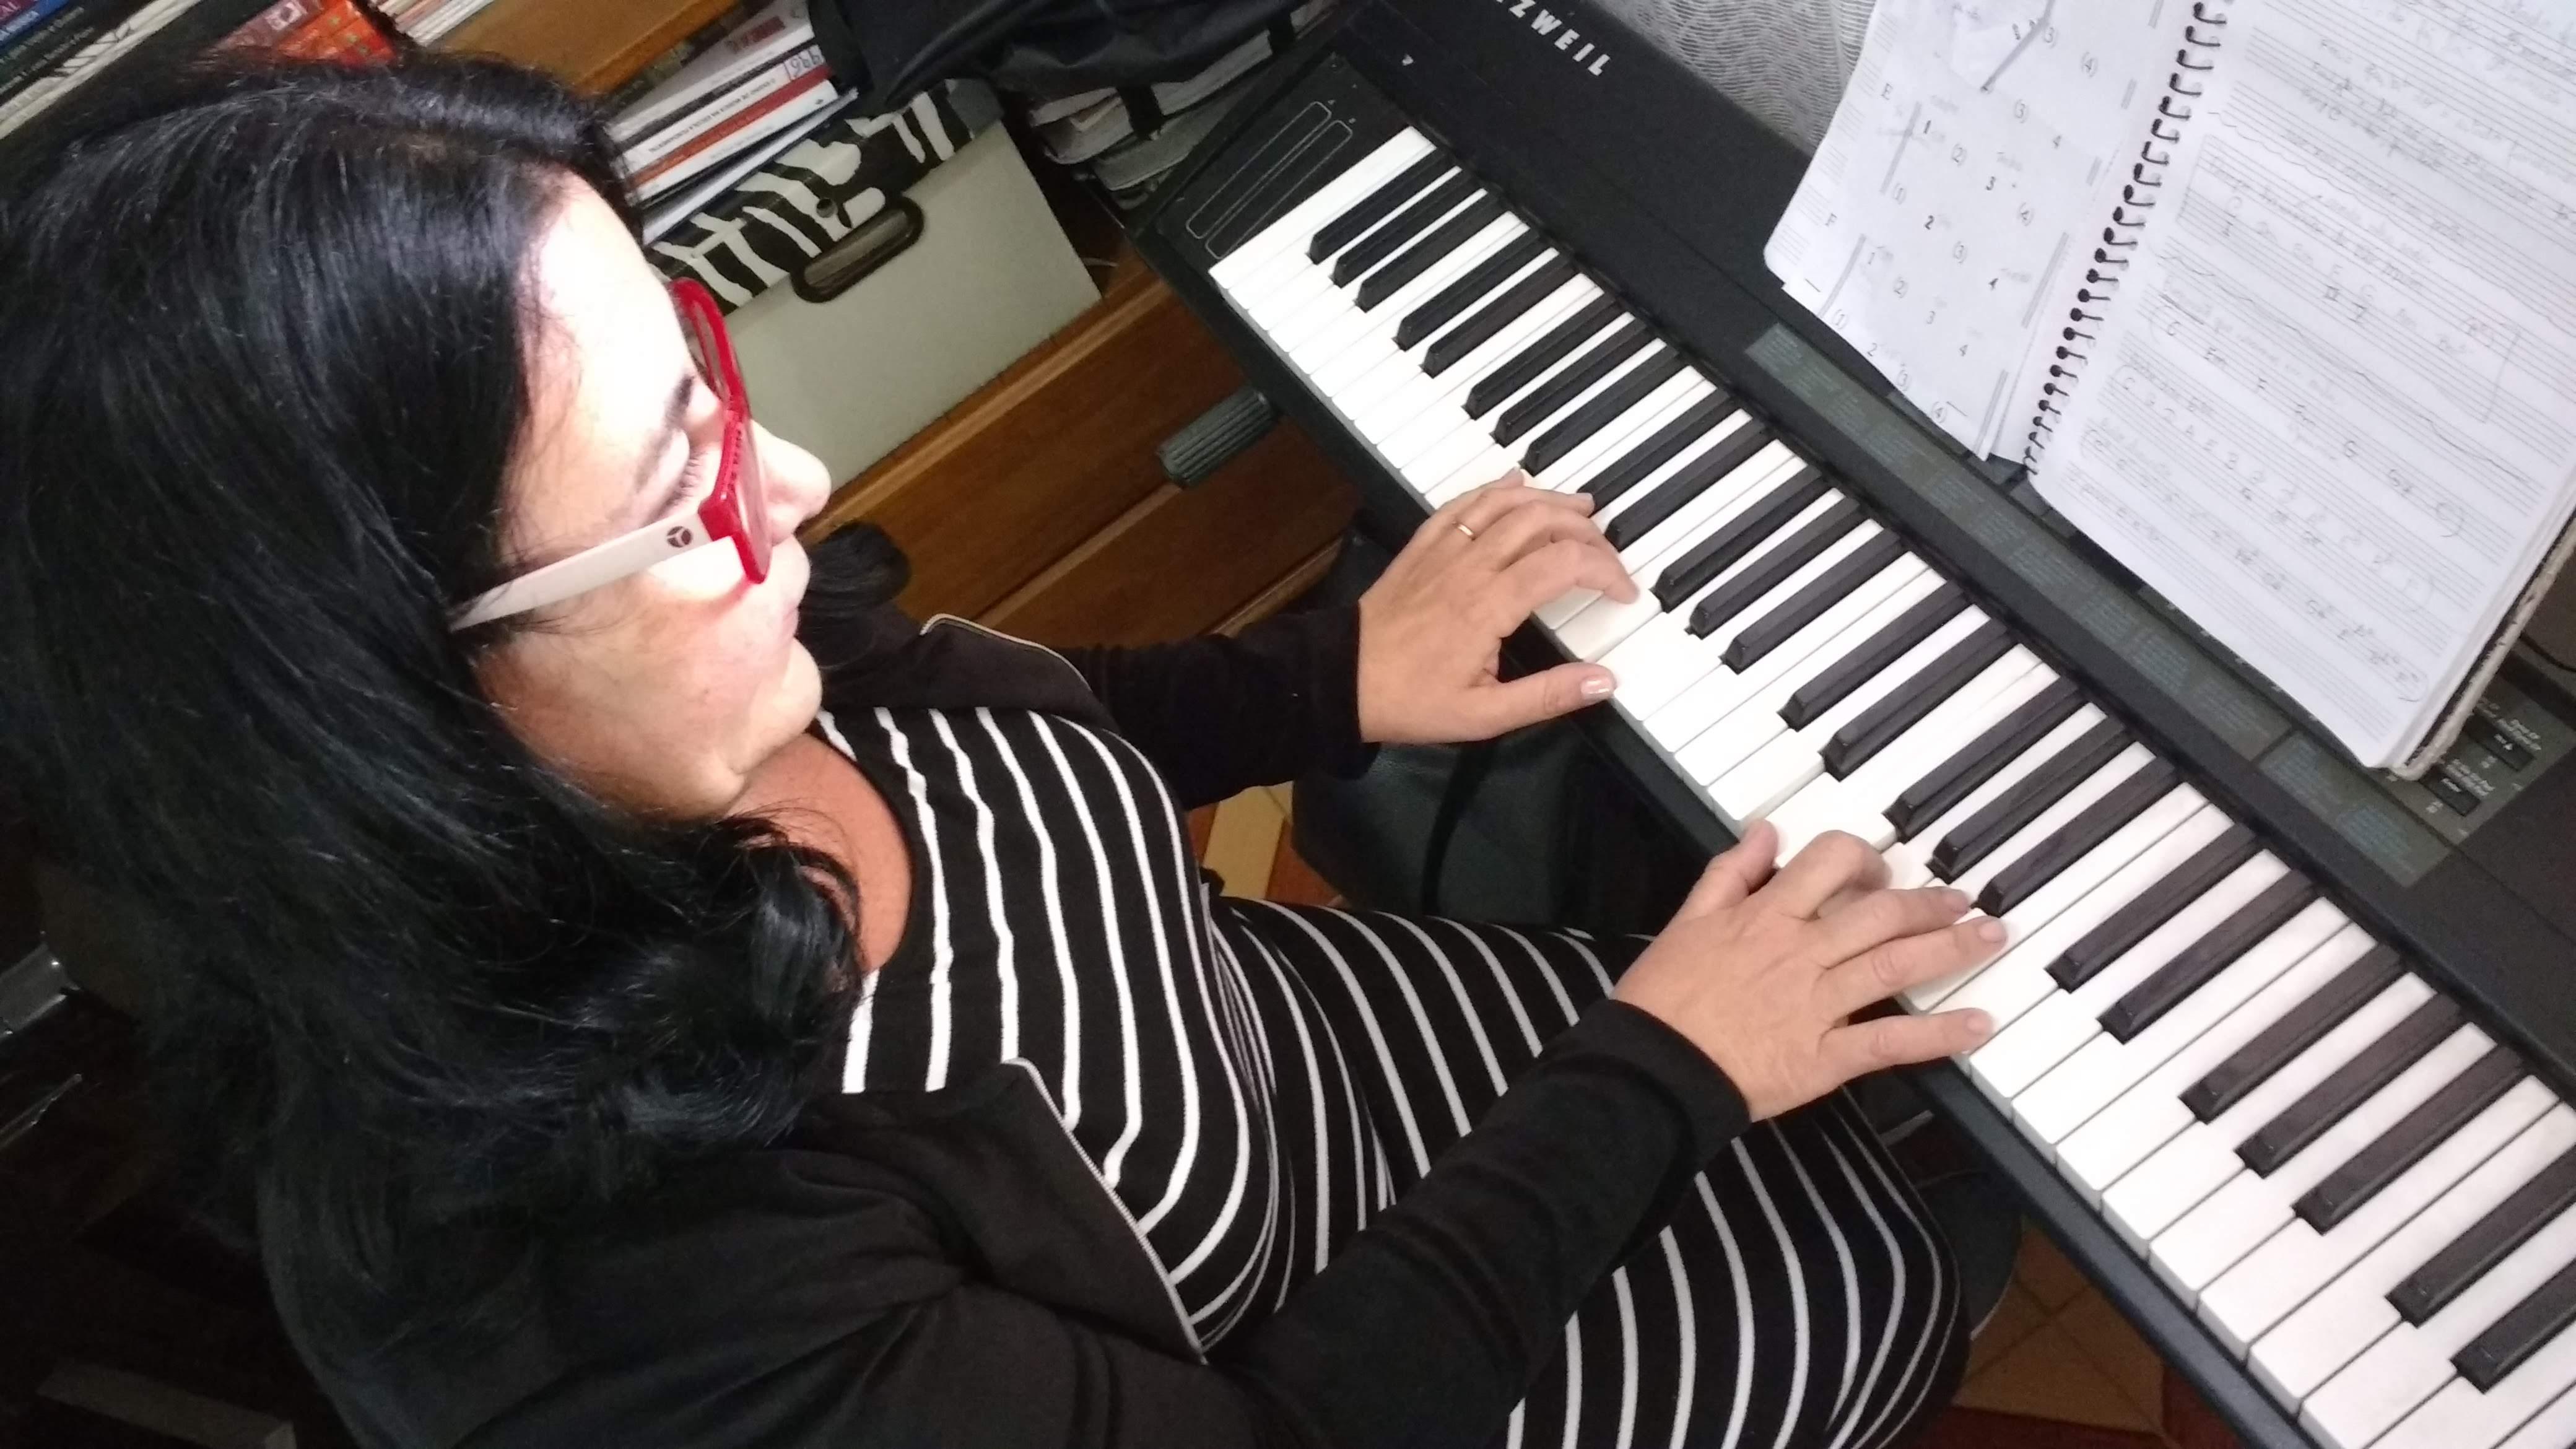 Fale com @lucianetecladista pelo (32)98855-9211 e agende  sua aula de teclado iniciante em Juiz de Fora.